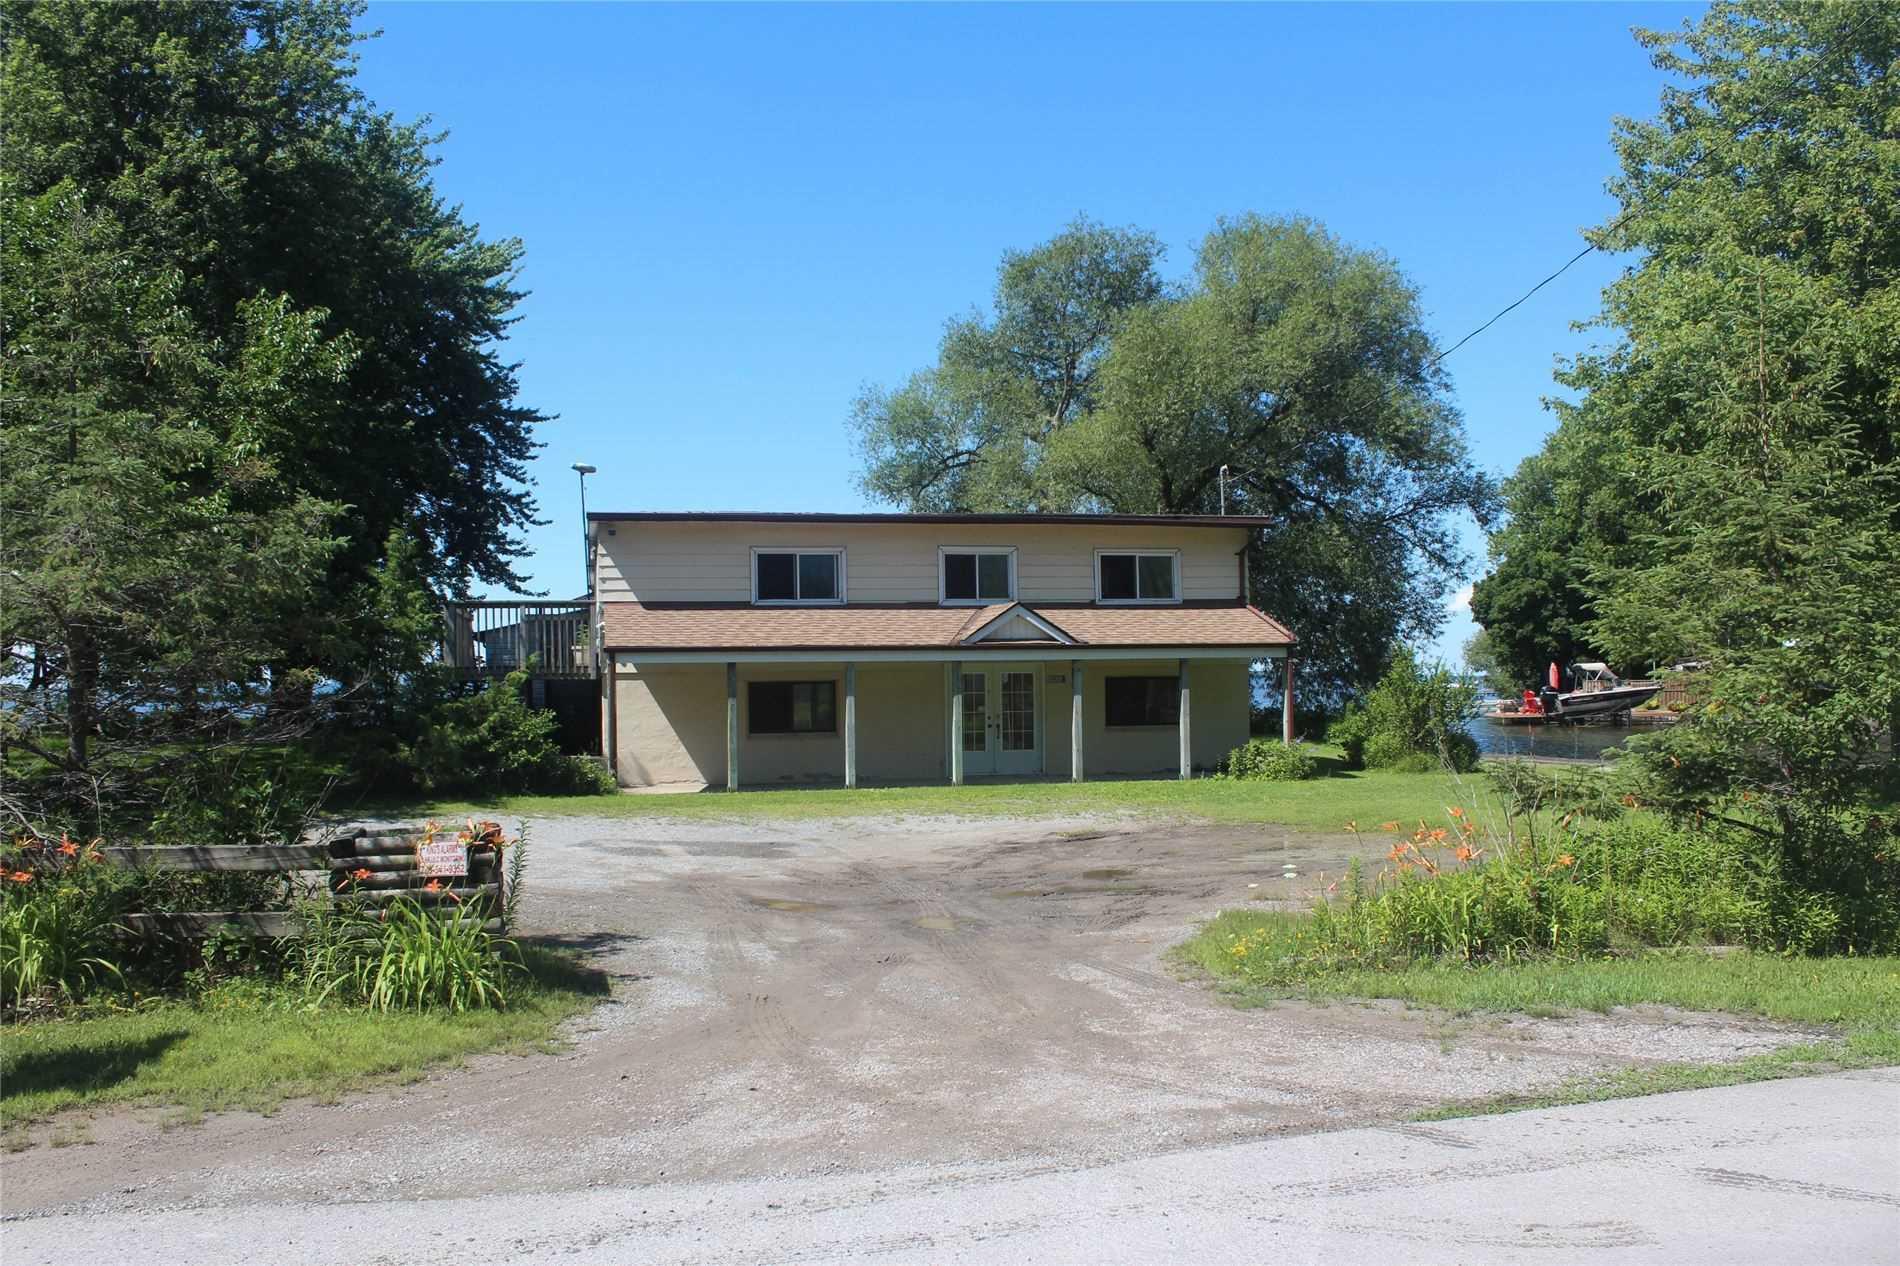 32300 Shoreline Rd, Brock Ontario, Canada